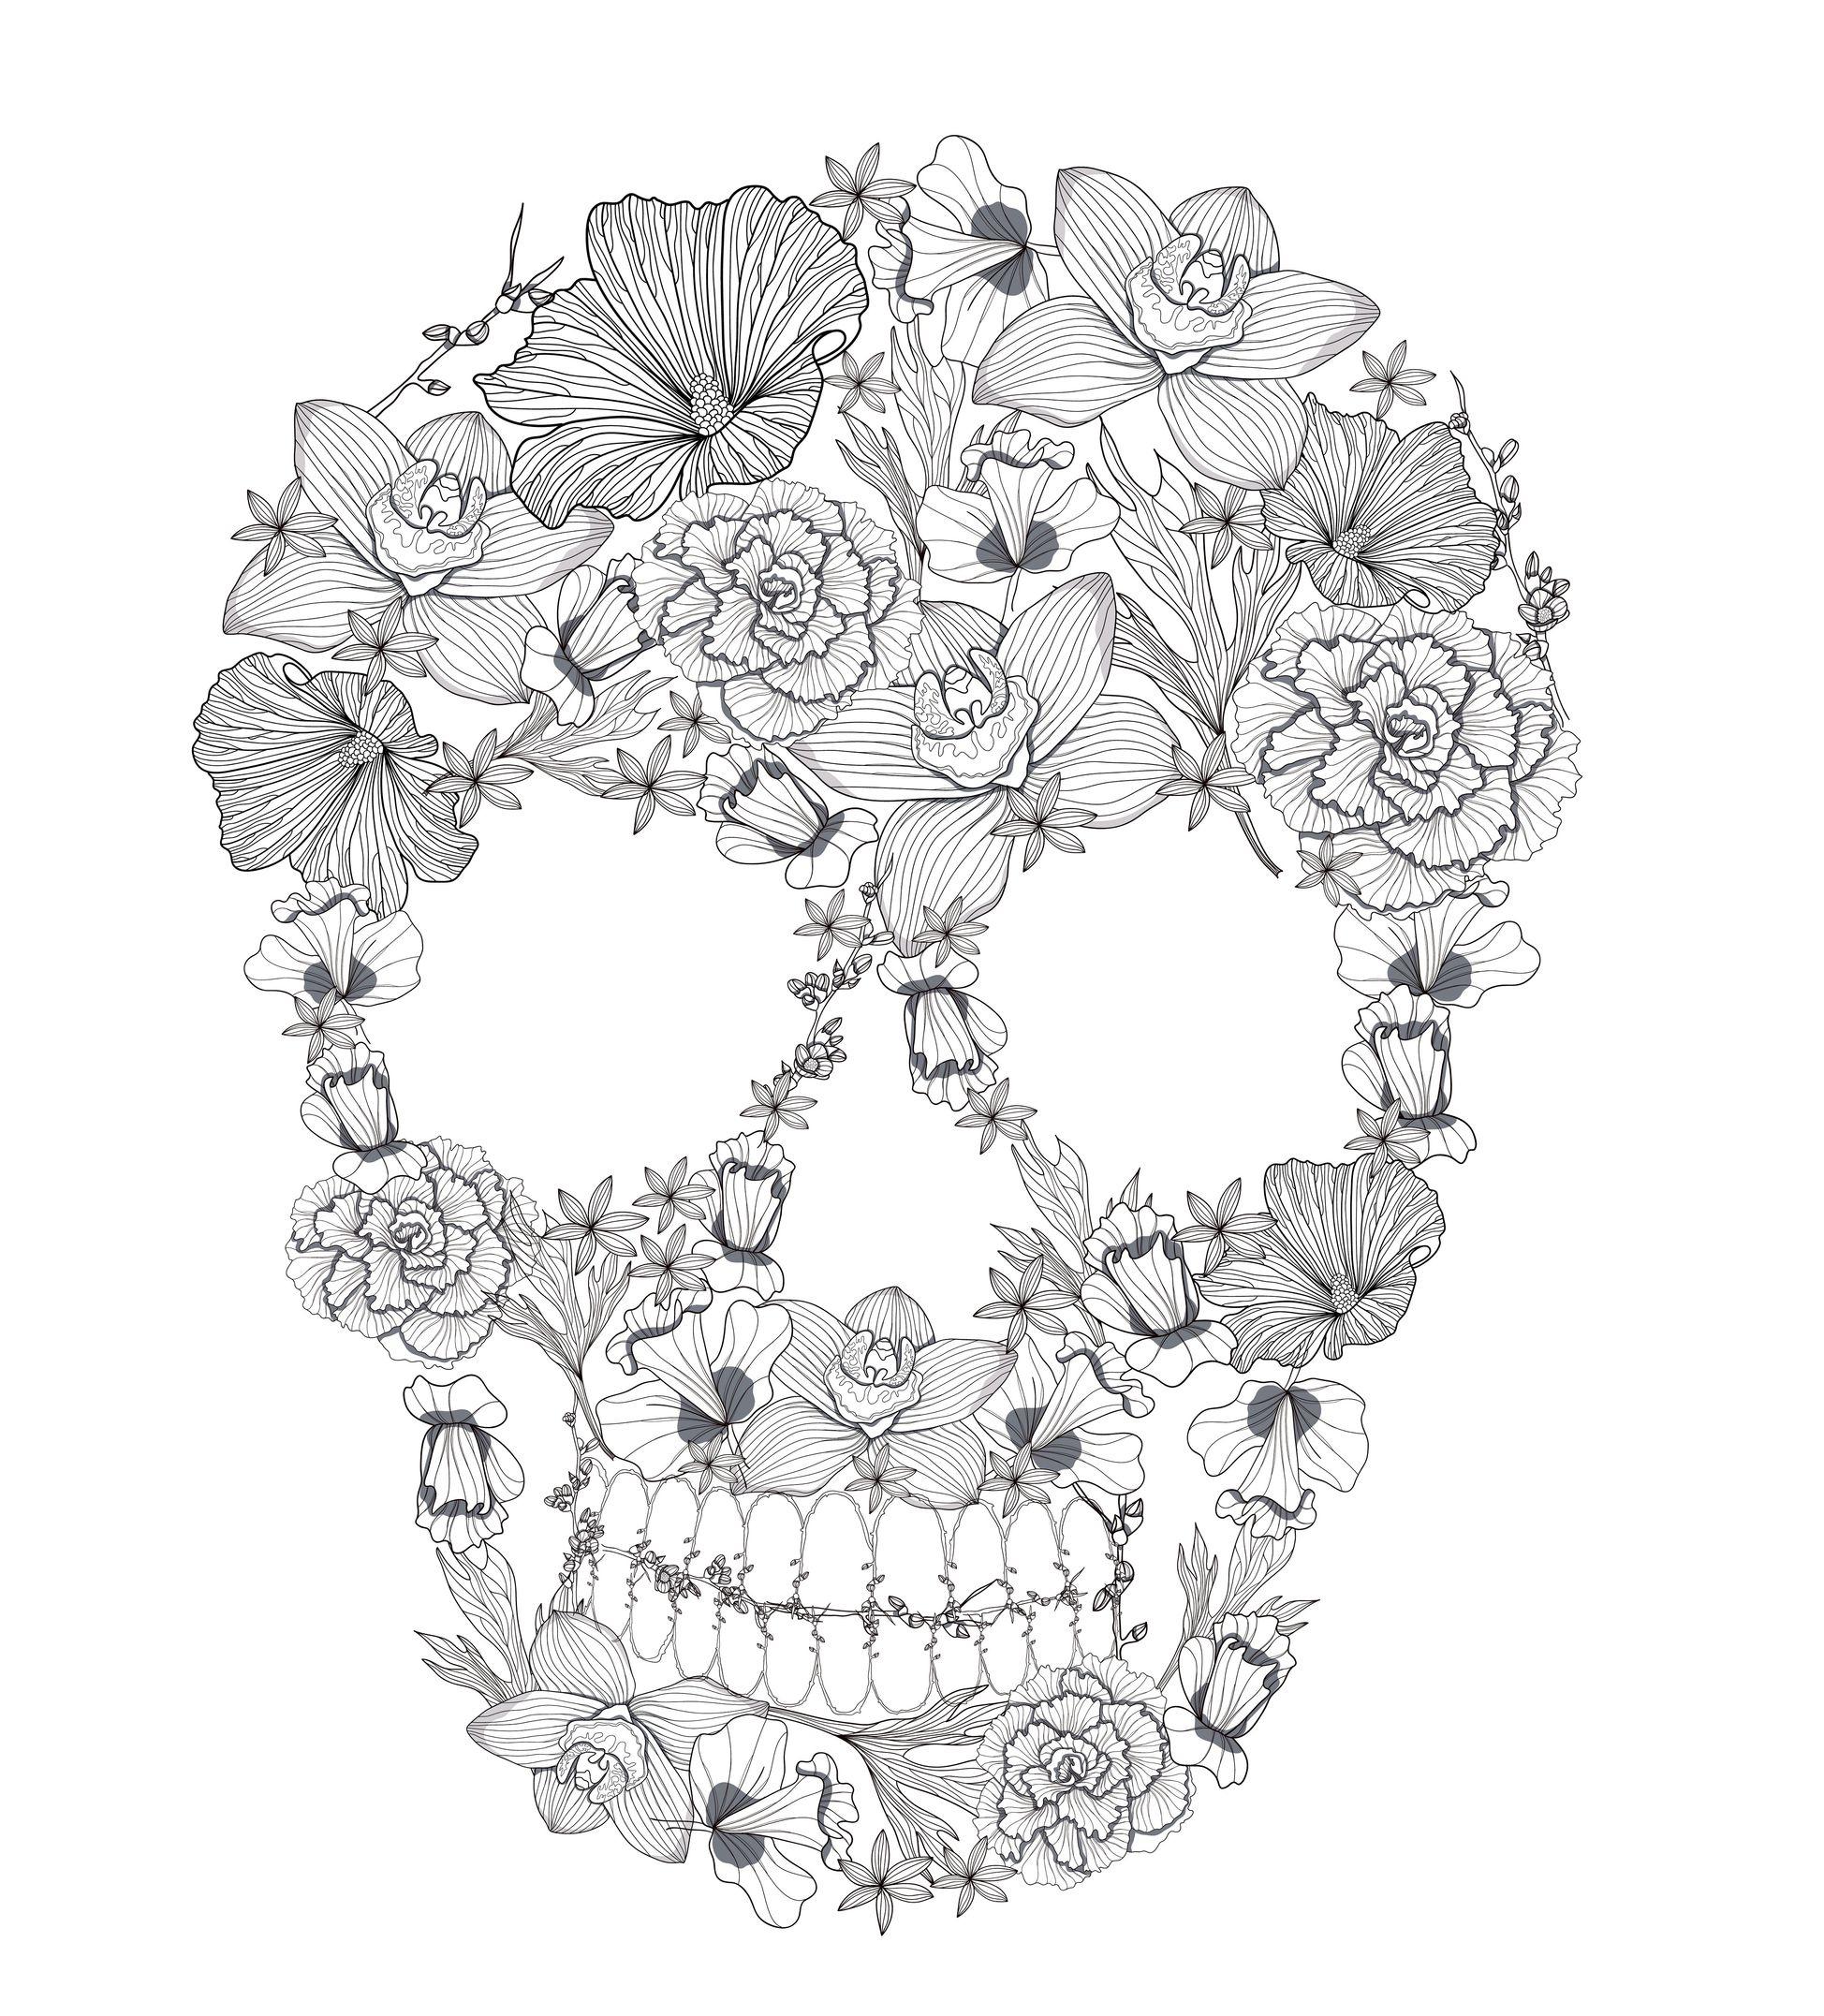 Coloriage Adulte - Fleurs avec Dessin A Imprimer Pour Adulte